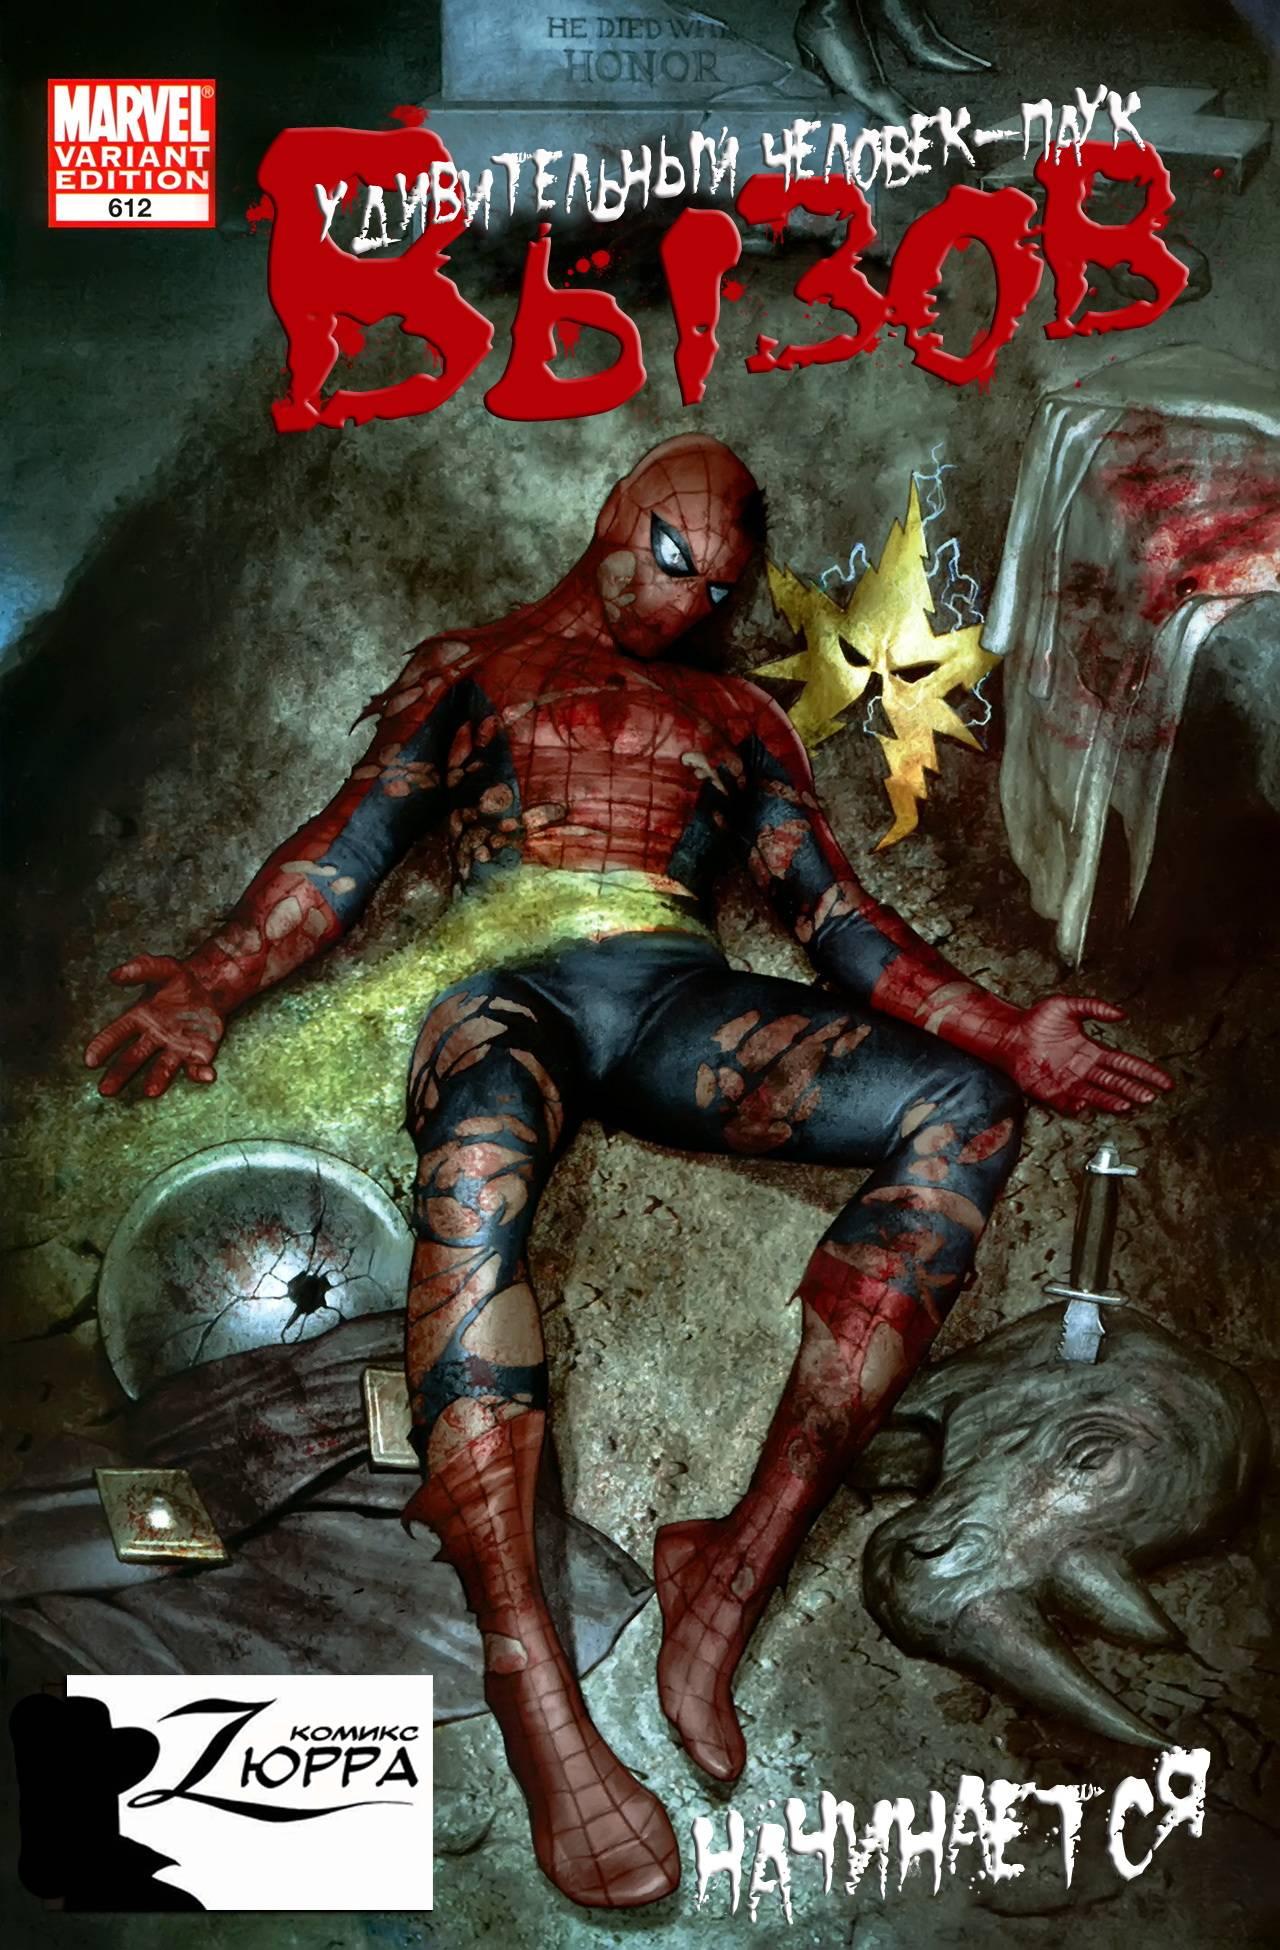 Удивительный Человек-паук №612 онлайн